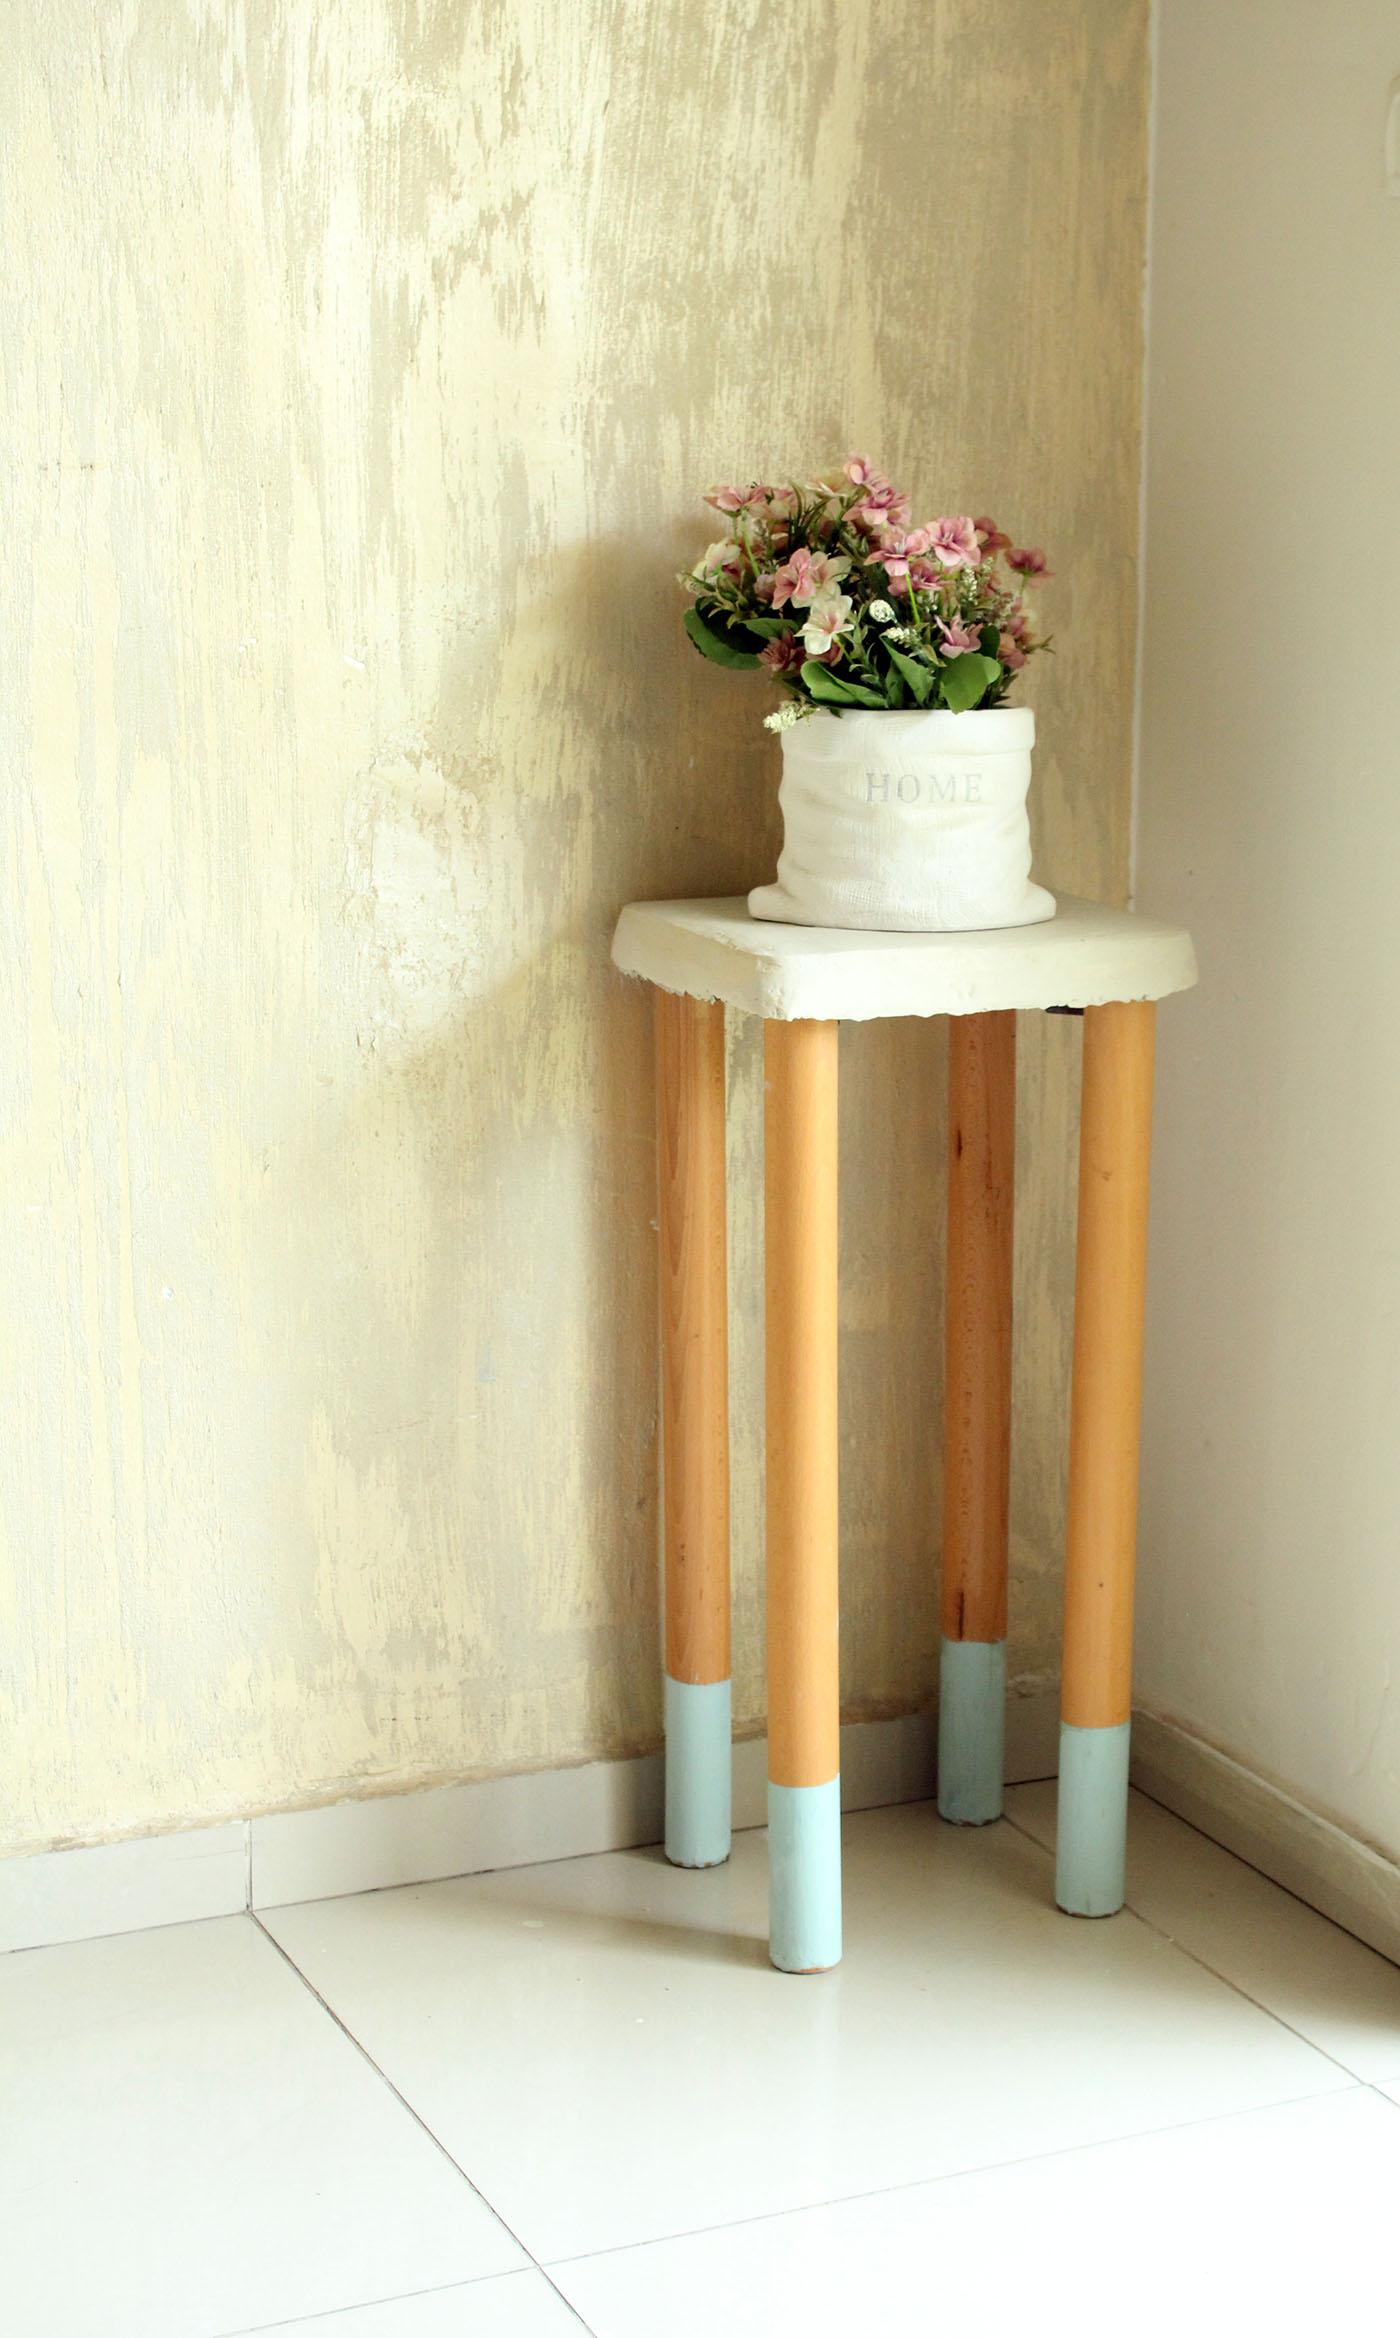 IMG 8980 - רהיטים קטנים ממלט